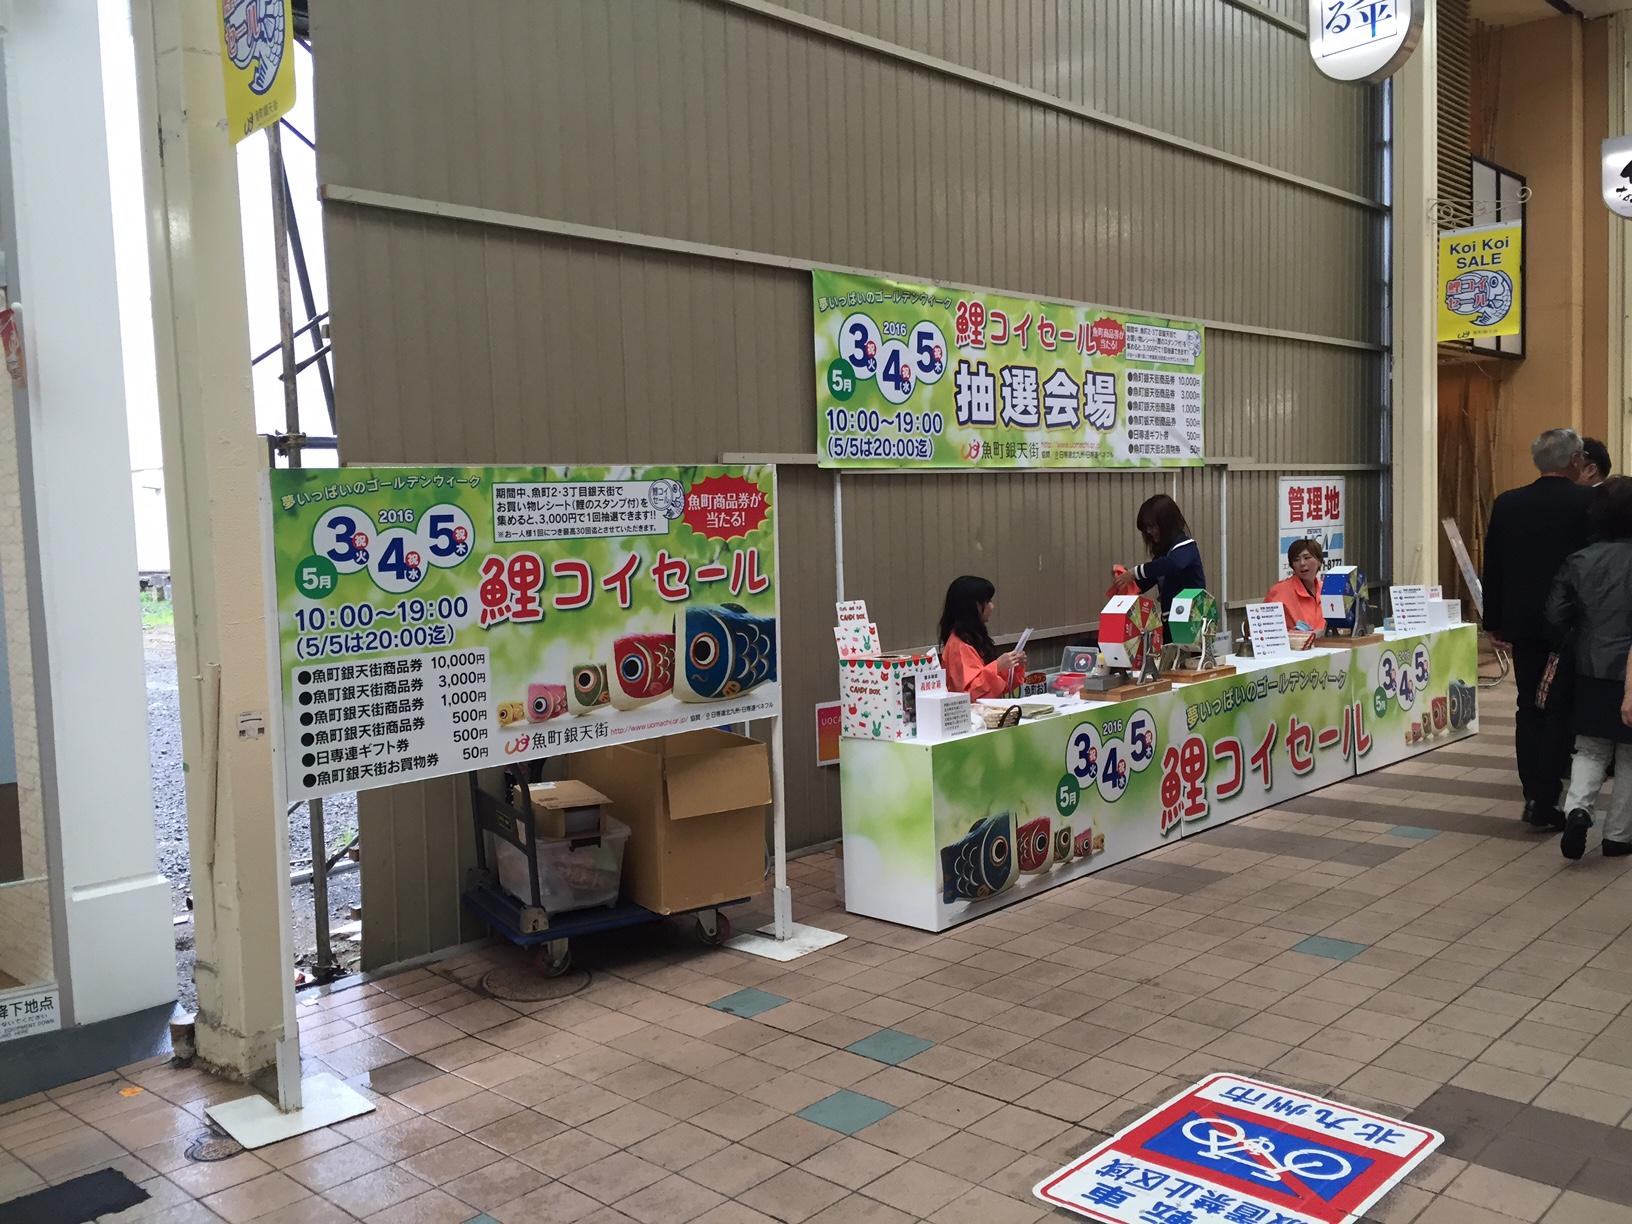 鯉コイセール(2016.05.03)